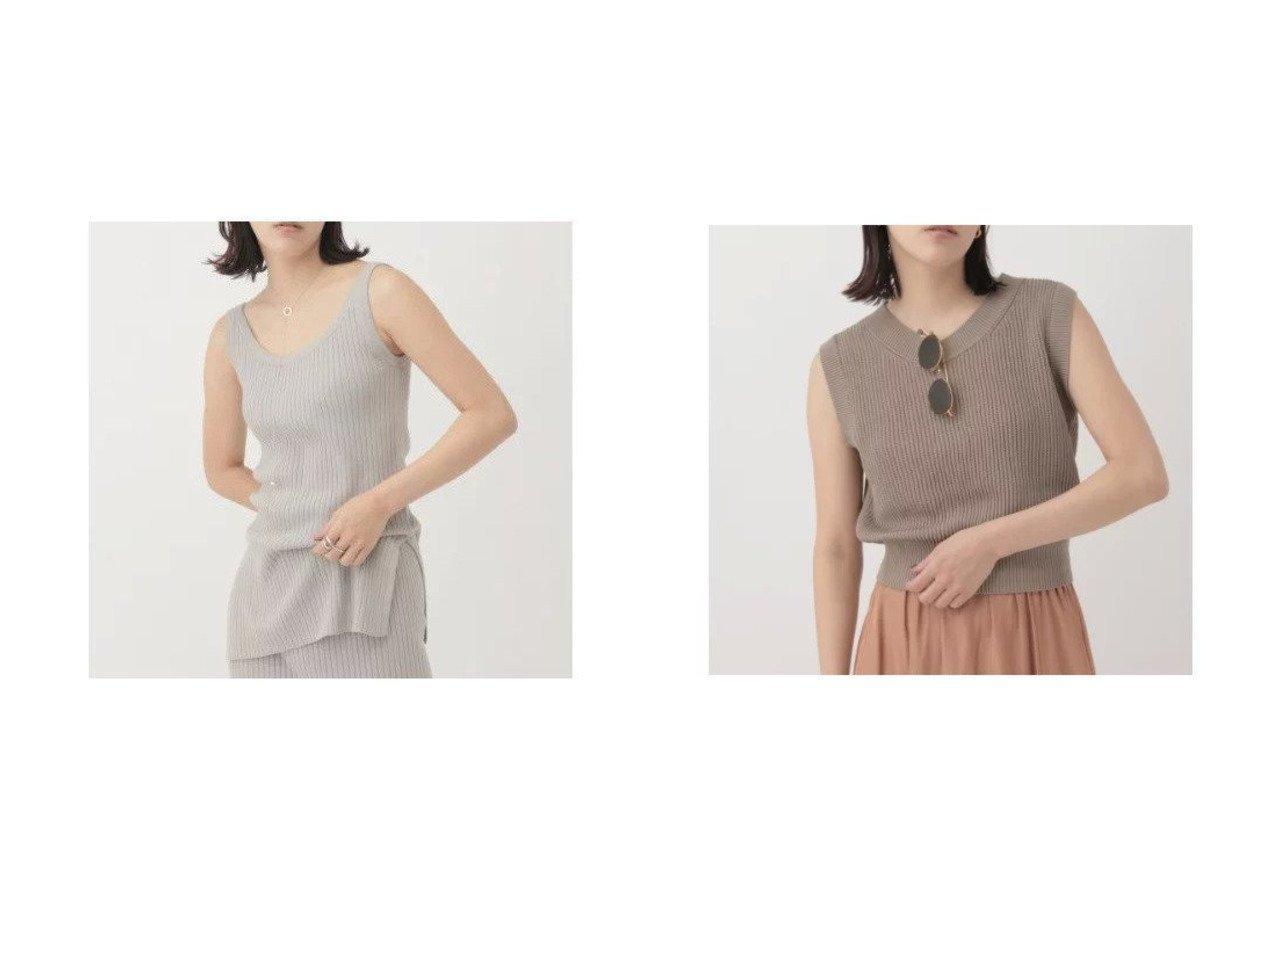 【Chaos/カオス】のラフラローゲージニットプルオーバー&シルクリブニットタンク 【トップス・カットソー】おすすめ!人気、トレンド・レディースファッションの通販 おすすめで人気の流行・トレンド、ファッションの通販商品 メンズファッション・キッズファッション・インテリア・家具・レディースファッション・服の通販 founy(ファニー) https://founy.com/ ファッション Fashion レディースファッション WOMEN トップス・カットソー Tops/Tshirt ニット Knit Tops シャツ/ブラウス Shirts/Blouses ロング / Tシャツ T-Shirts プルオーバー Pullover カットソー Cut and Sewn カットソー ショート タンク バランス おすすめ Recommend インナー シンプル セットアップ ネップ 冬 Winter |ID:crp329100000029401